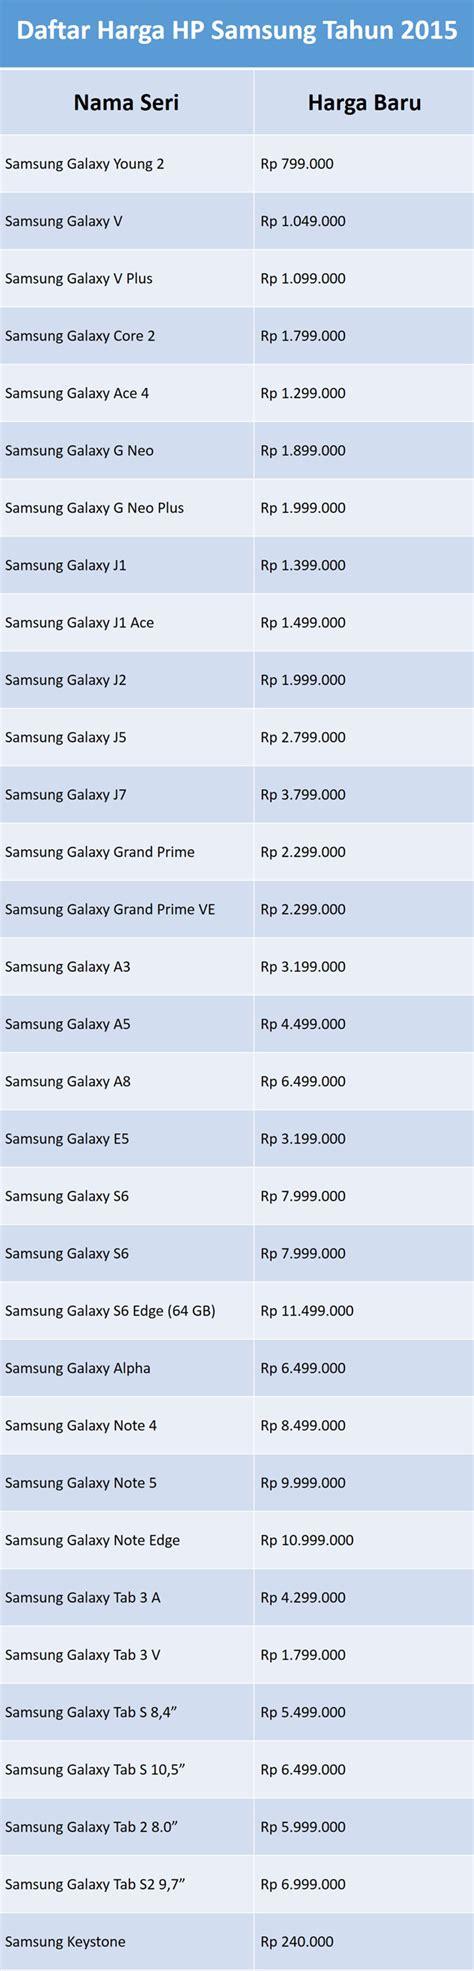 Harga Versace Indonesia daftar harga hp samsung tahun 2015 di indonesia gadgetren